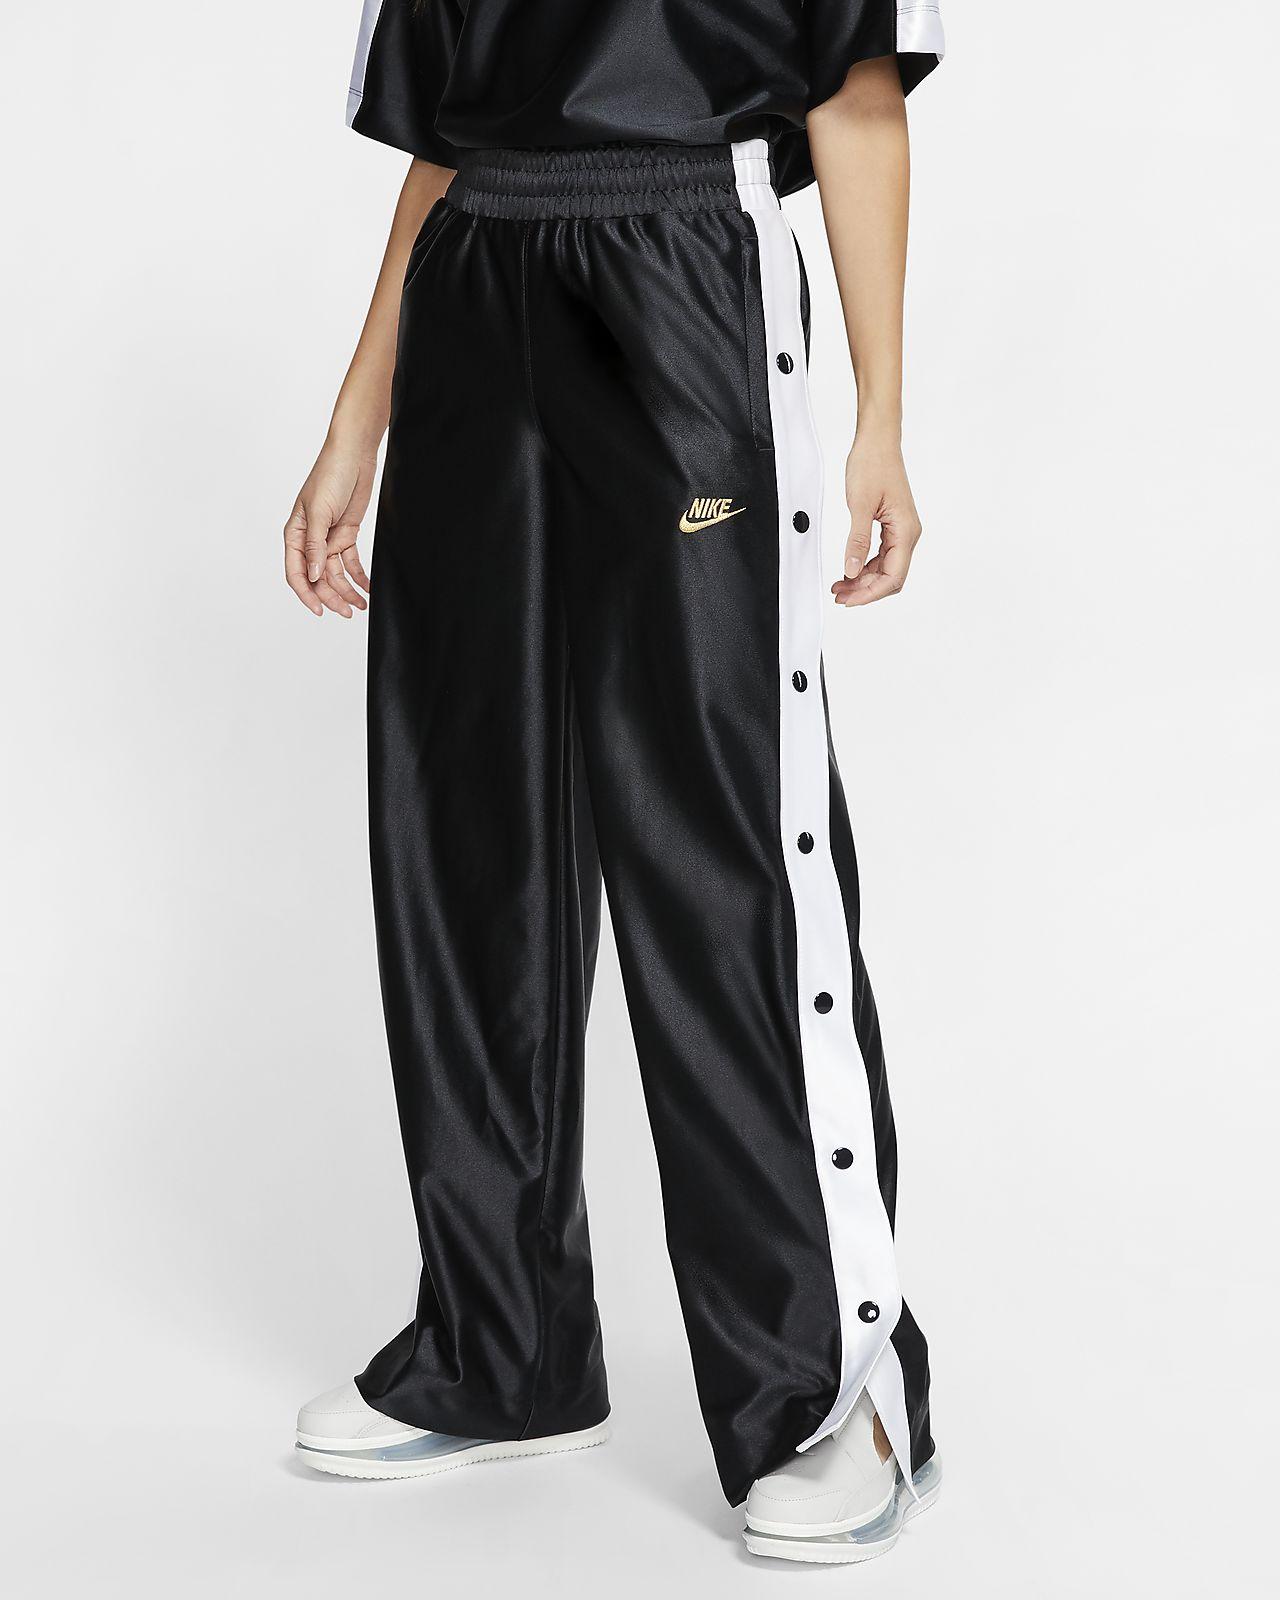 Pantalones Nike Mujer Hombre Mujer Ninos Envio Gratis Y Entrega Rapida Ahorros Garantizados Y Stock Permanente